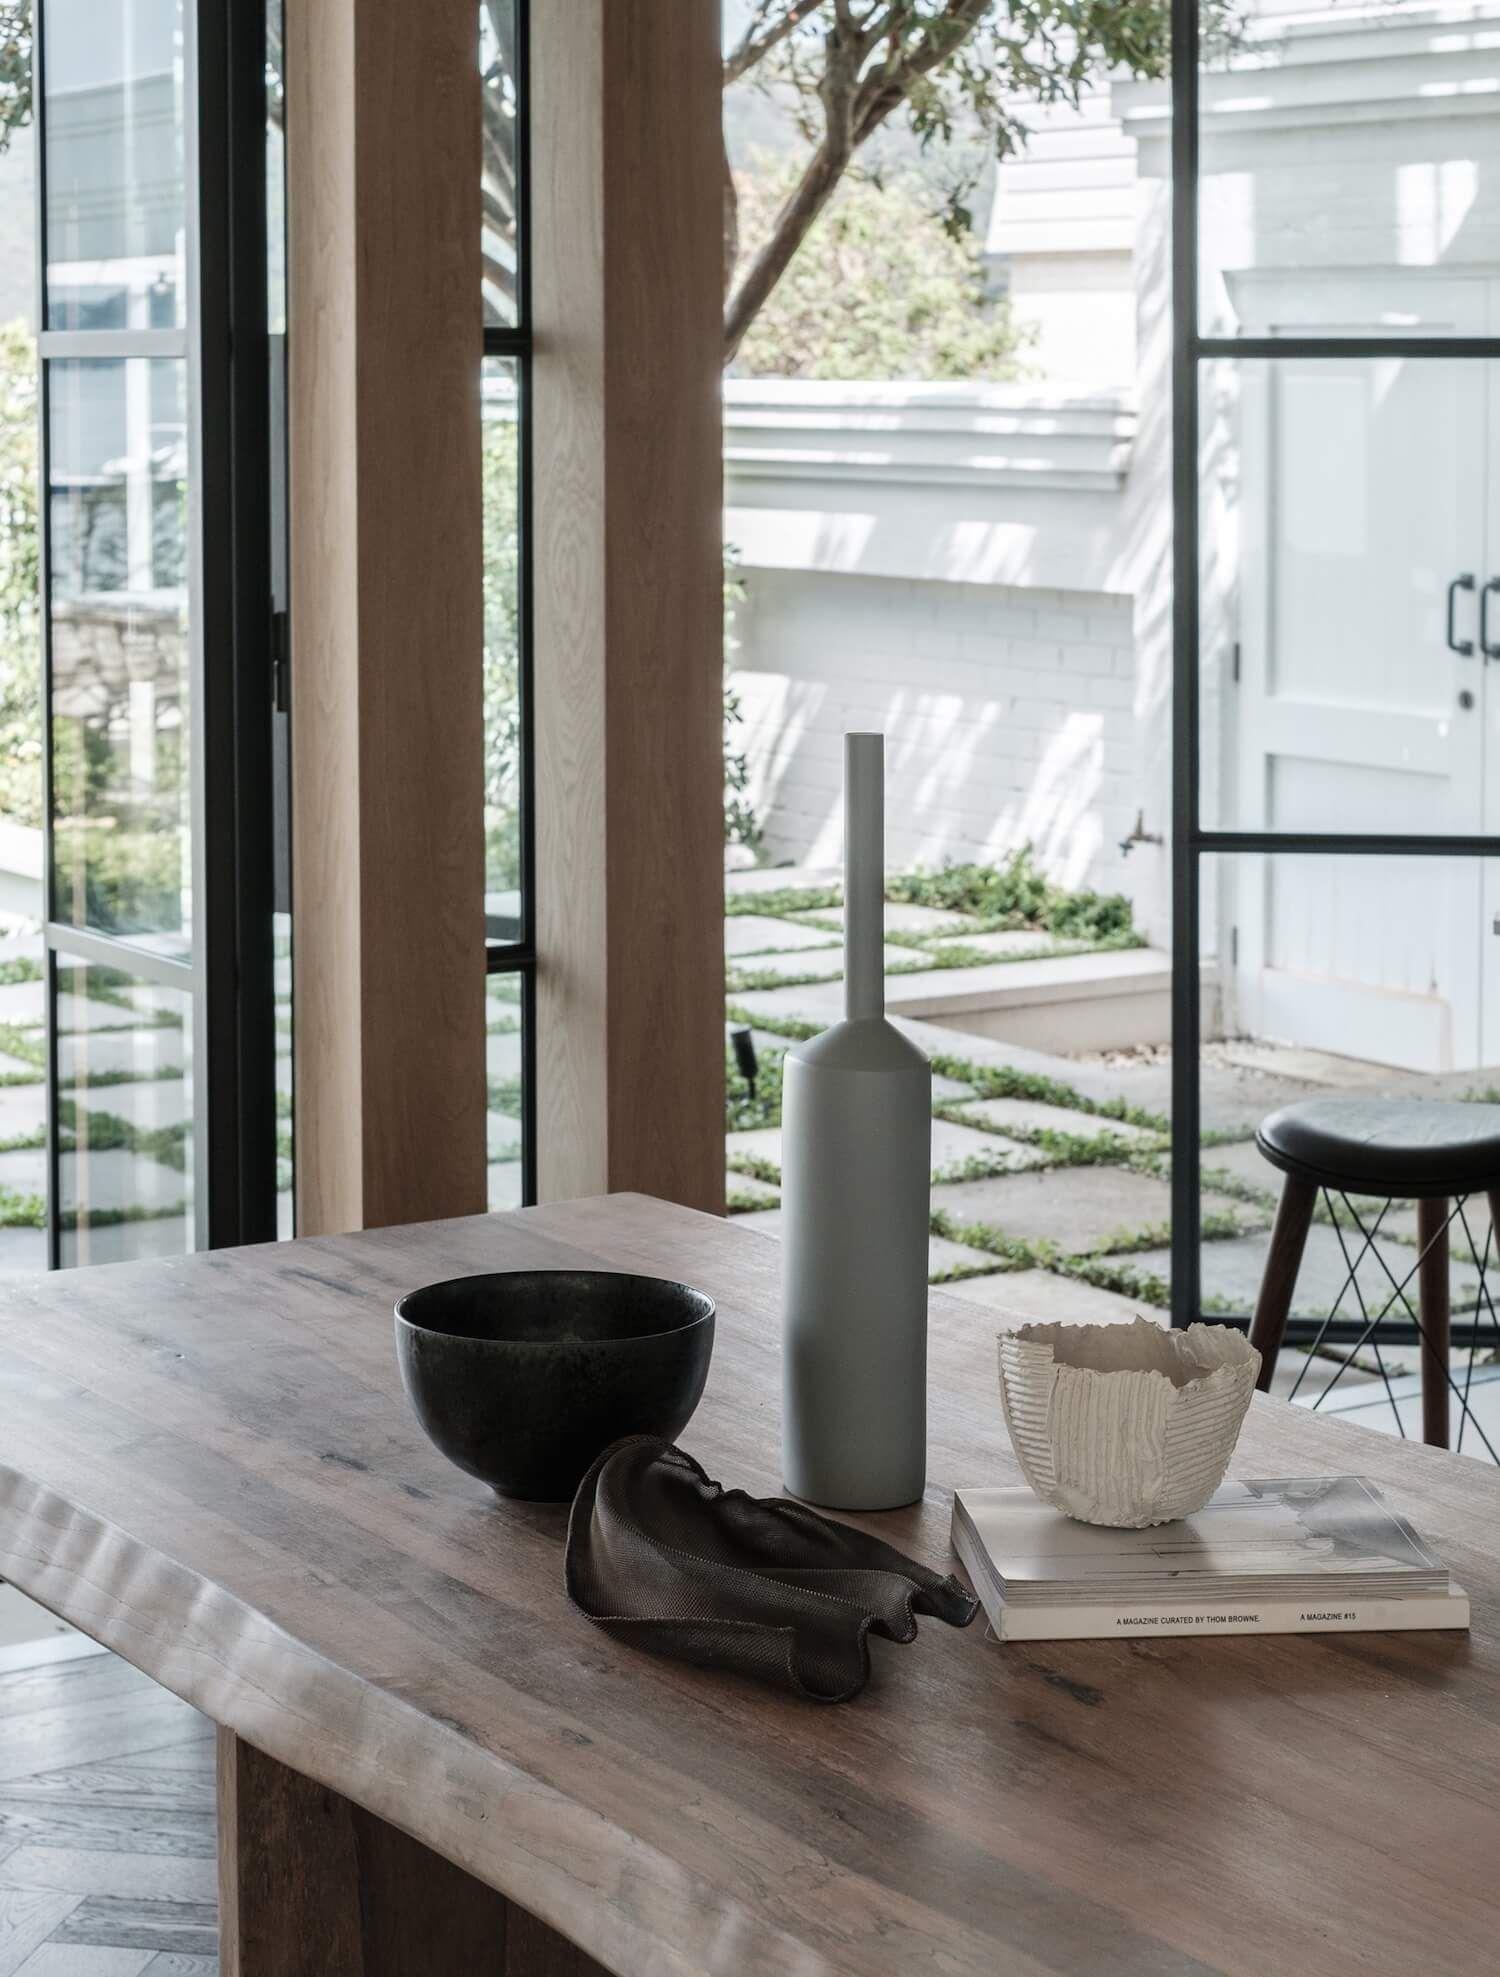 Mobiliario a medida de estilo rústico minimalista